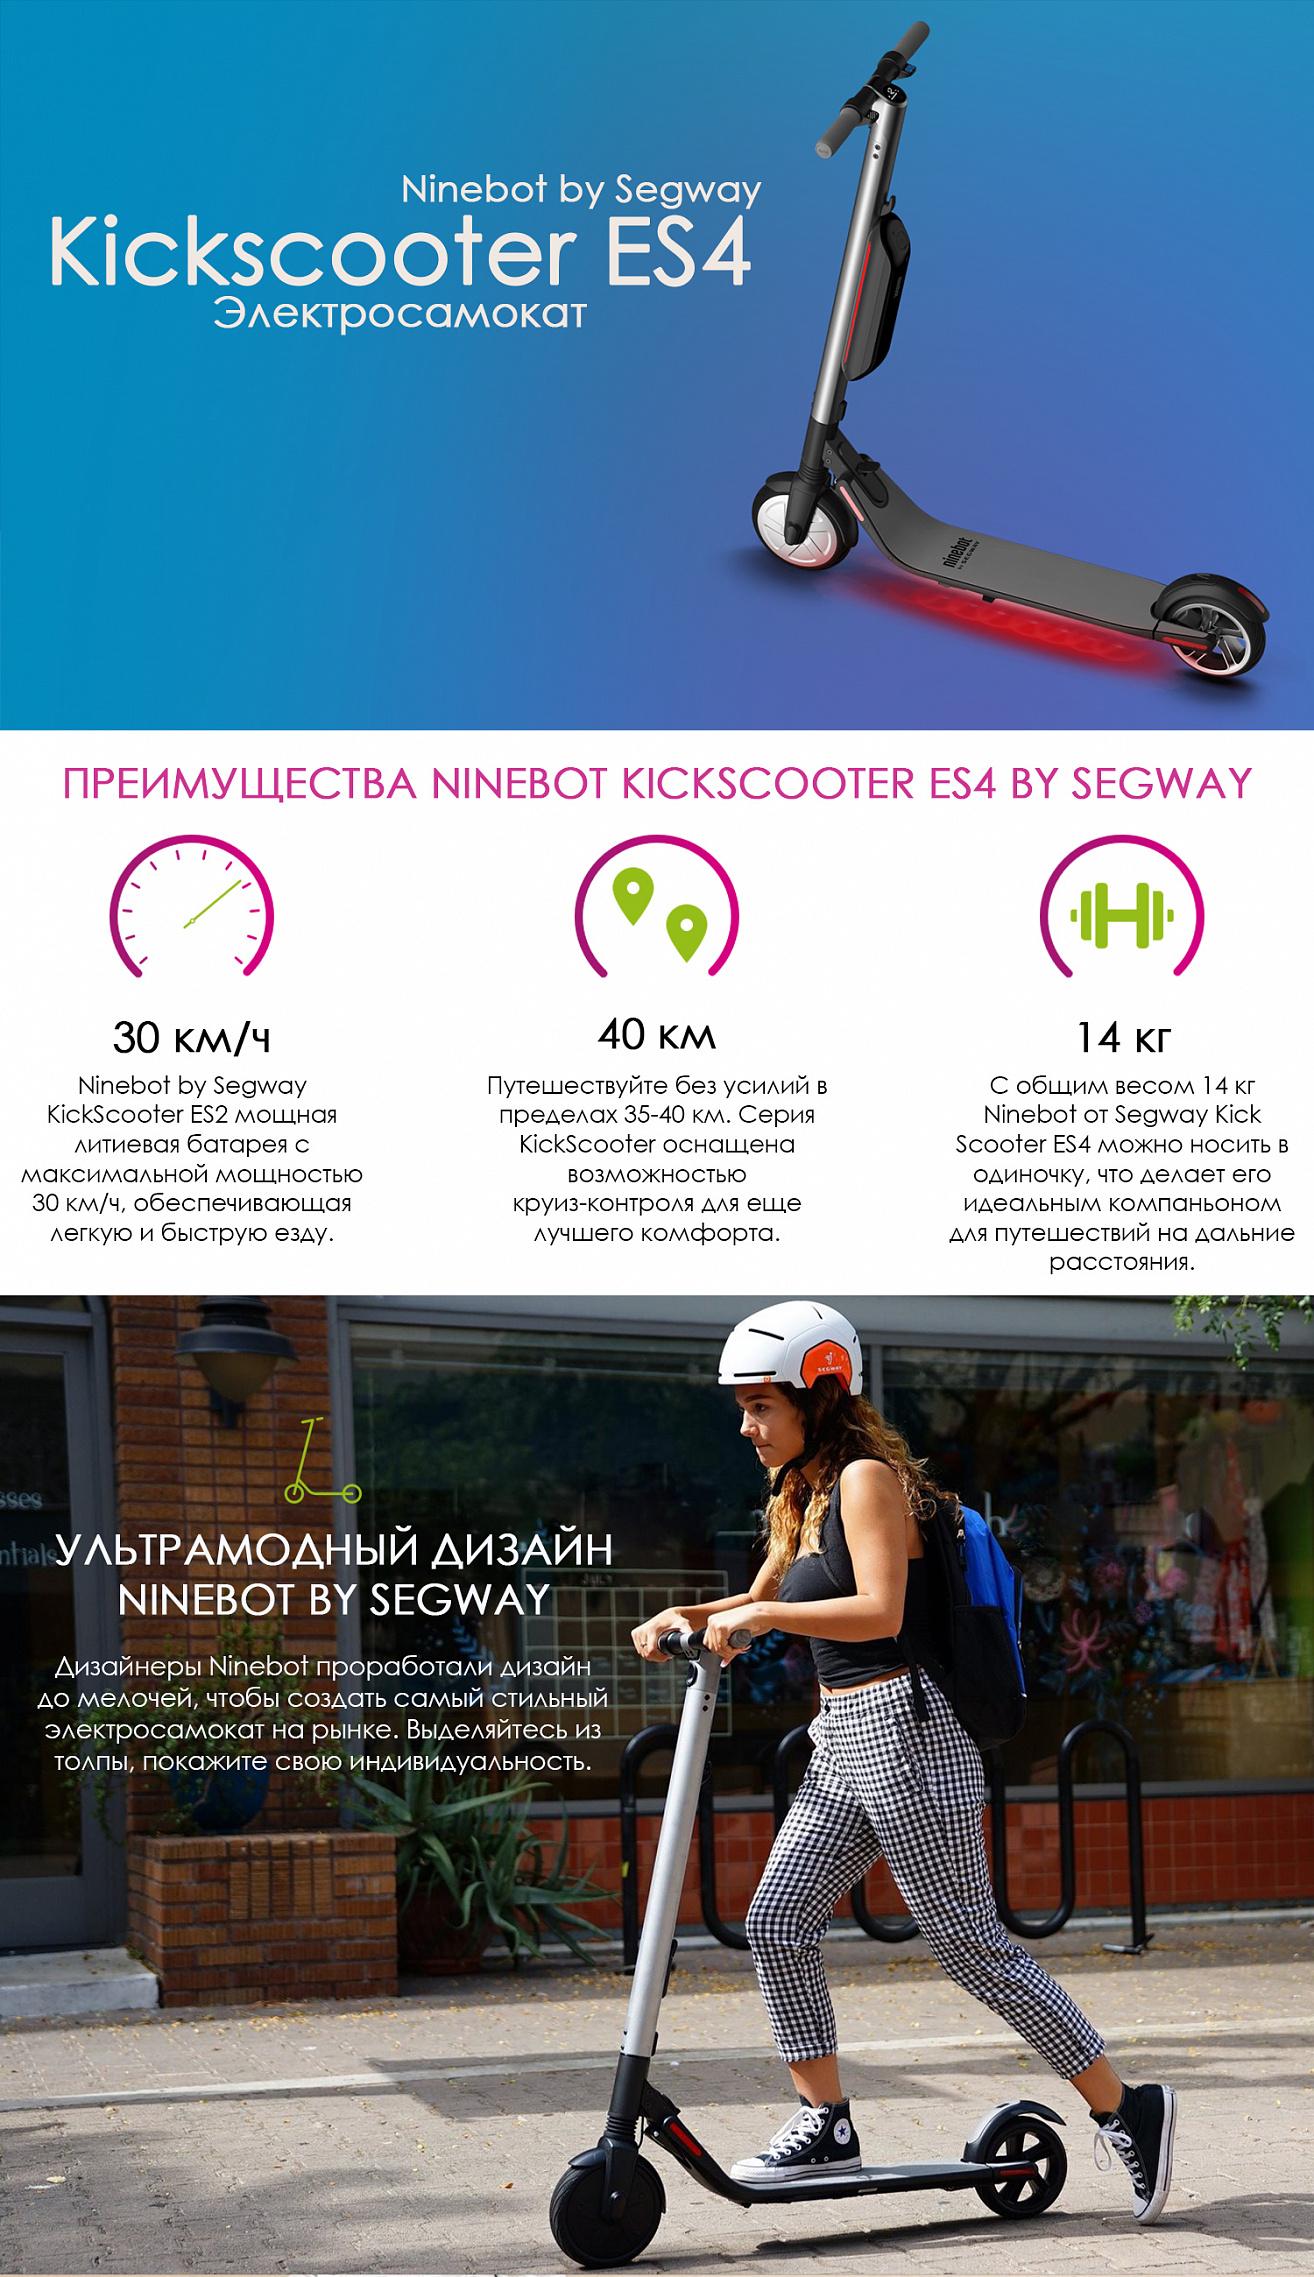 Электросамокат Ninebot KickScooter ES4 купить